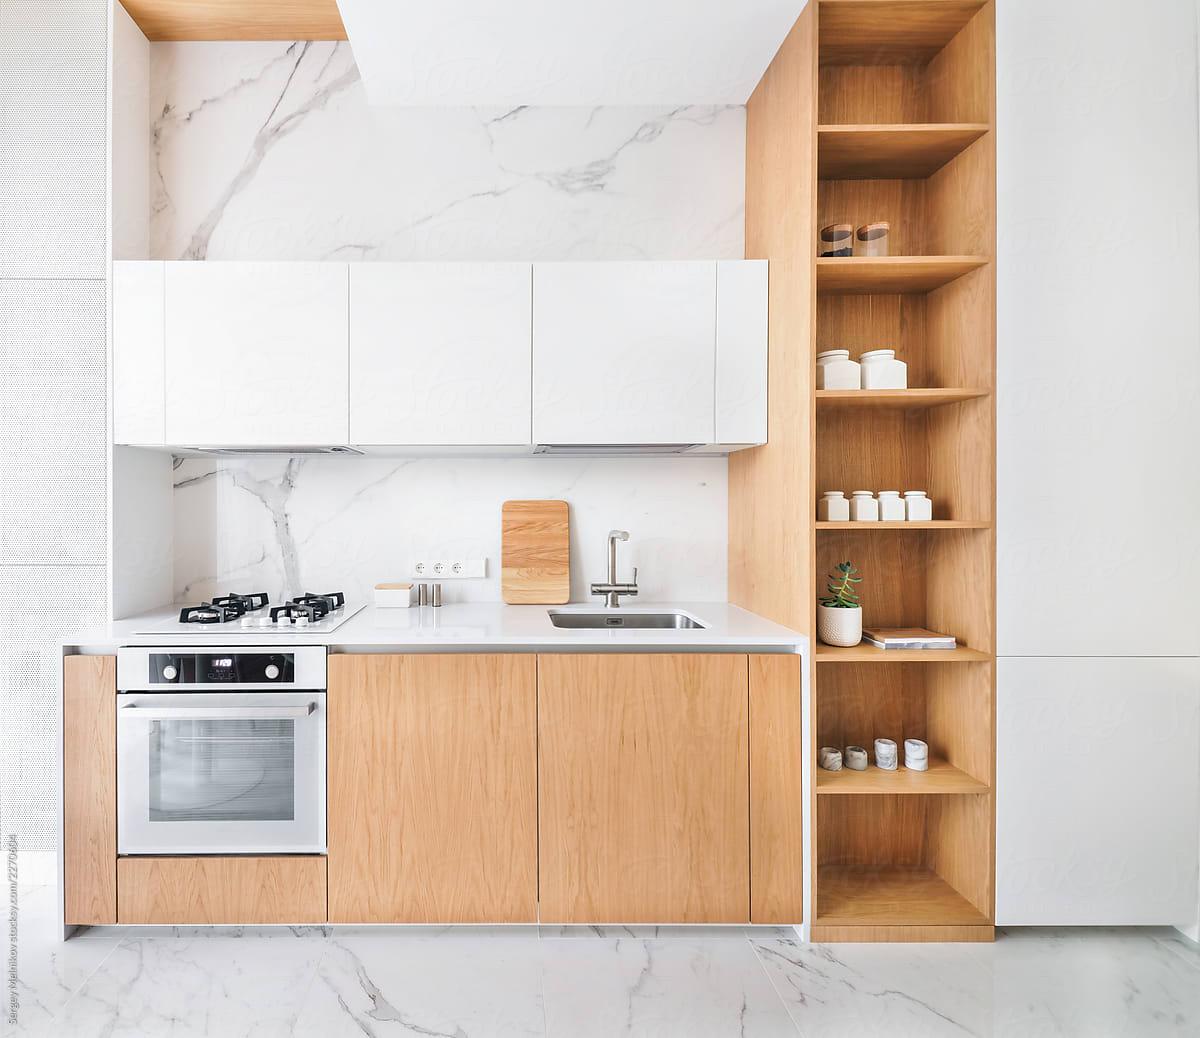 Minimalist Interior Design Of Kitchen By Sergey Melnikov Kitchen Interior Design Stocksy United